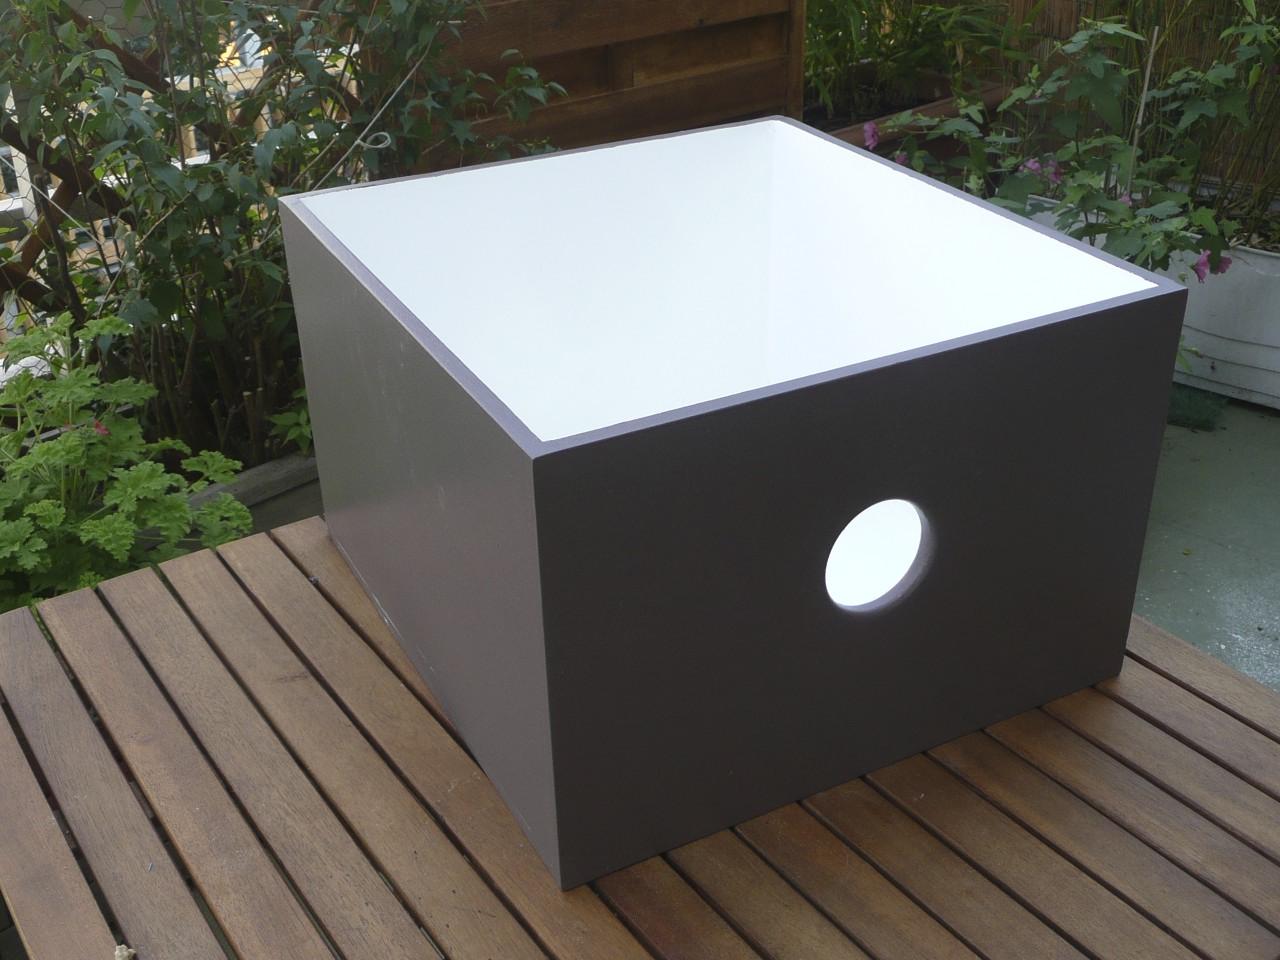 Quand je serai grande je veux fabriquer un meuble de - Fabriquer meuble de cuisine ...